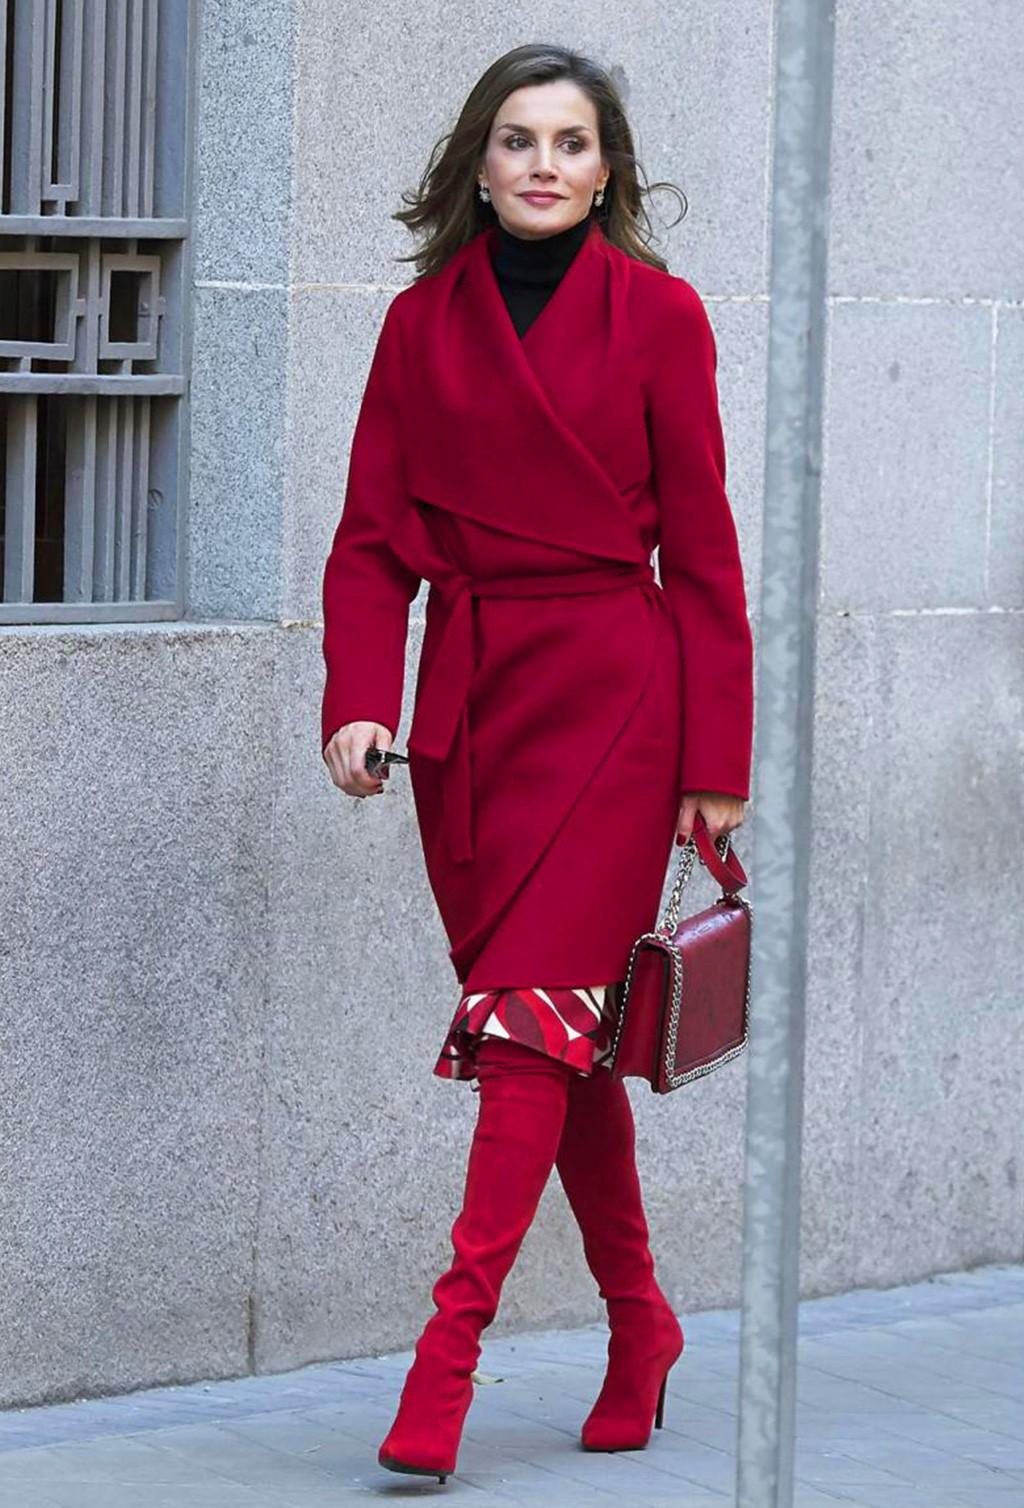 长靴别老穿黑色,今冬这个颜色才时髦!